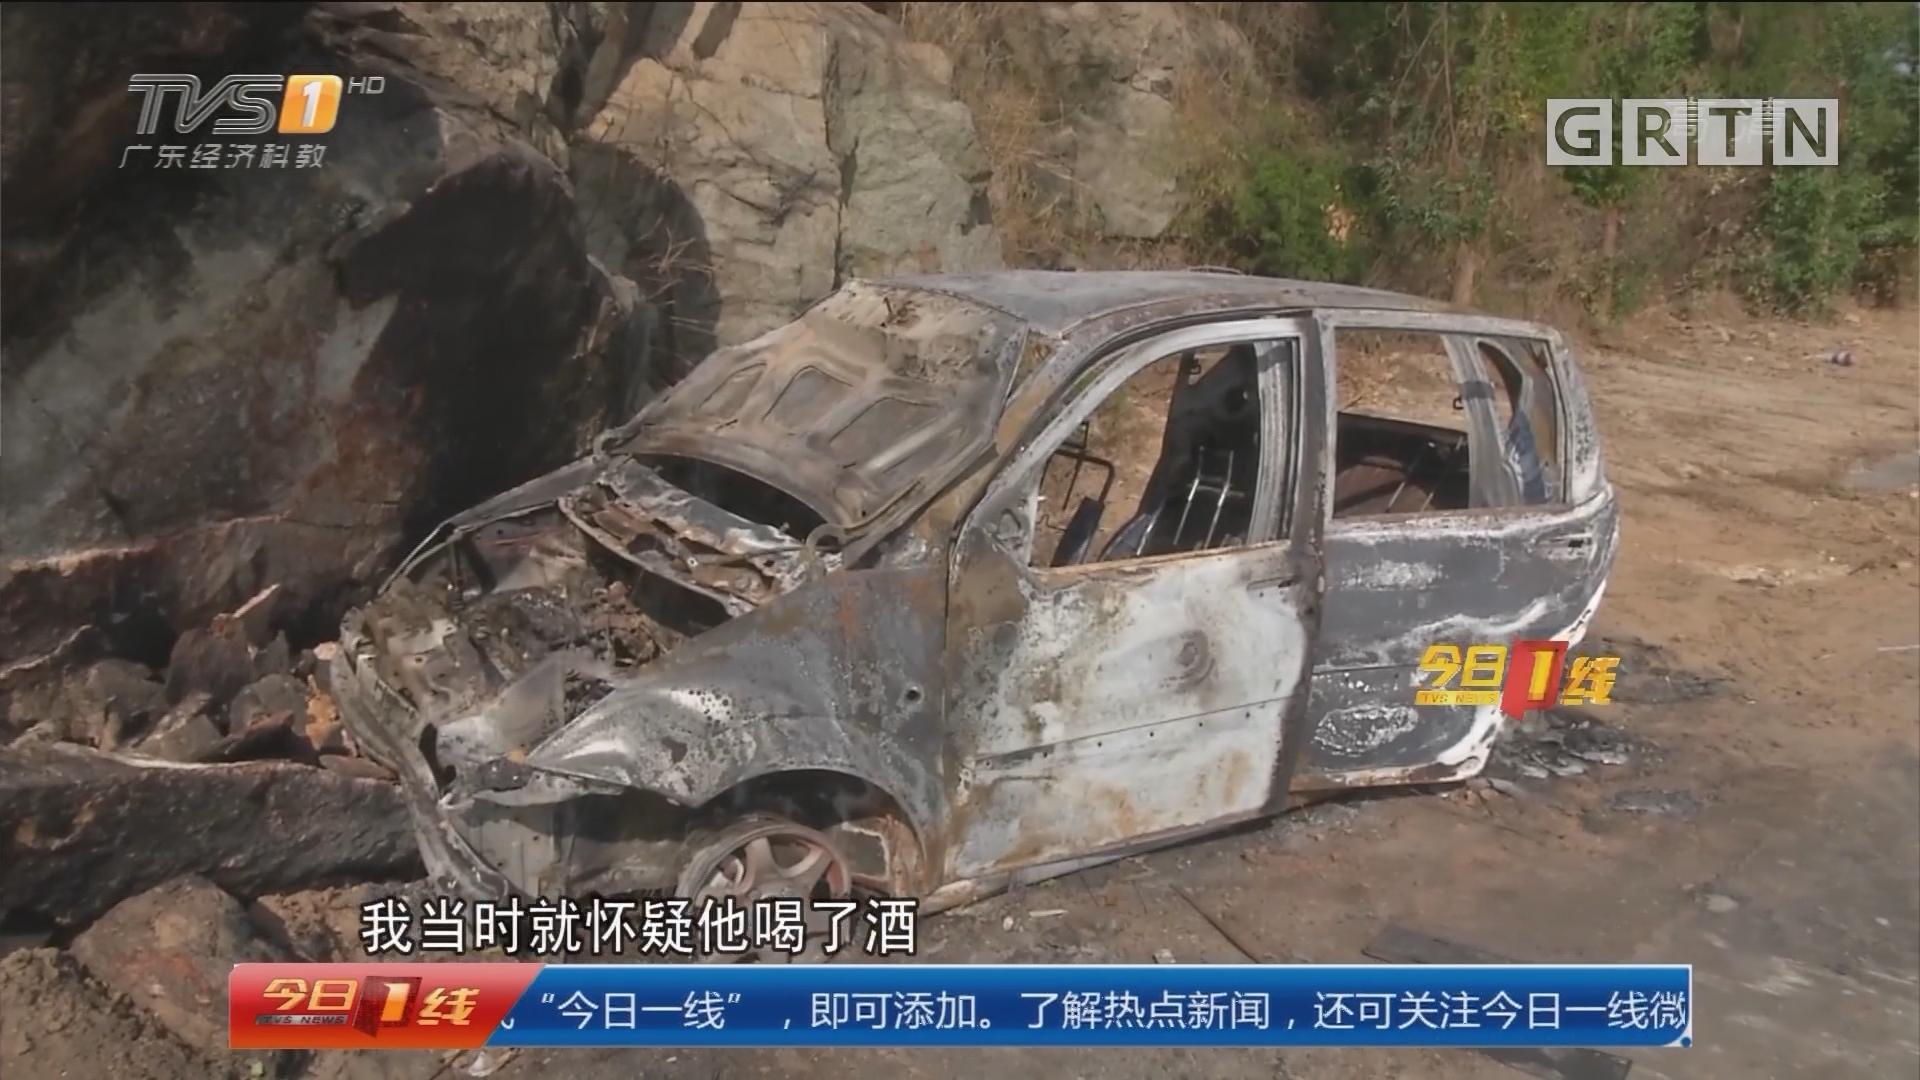 珠海:深夜小车行驶诡异! 失控撞山起火